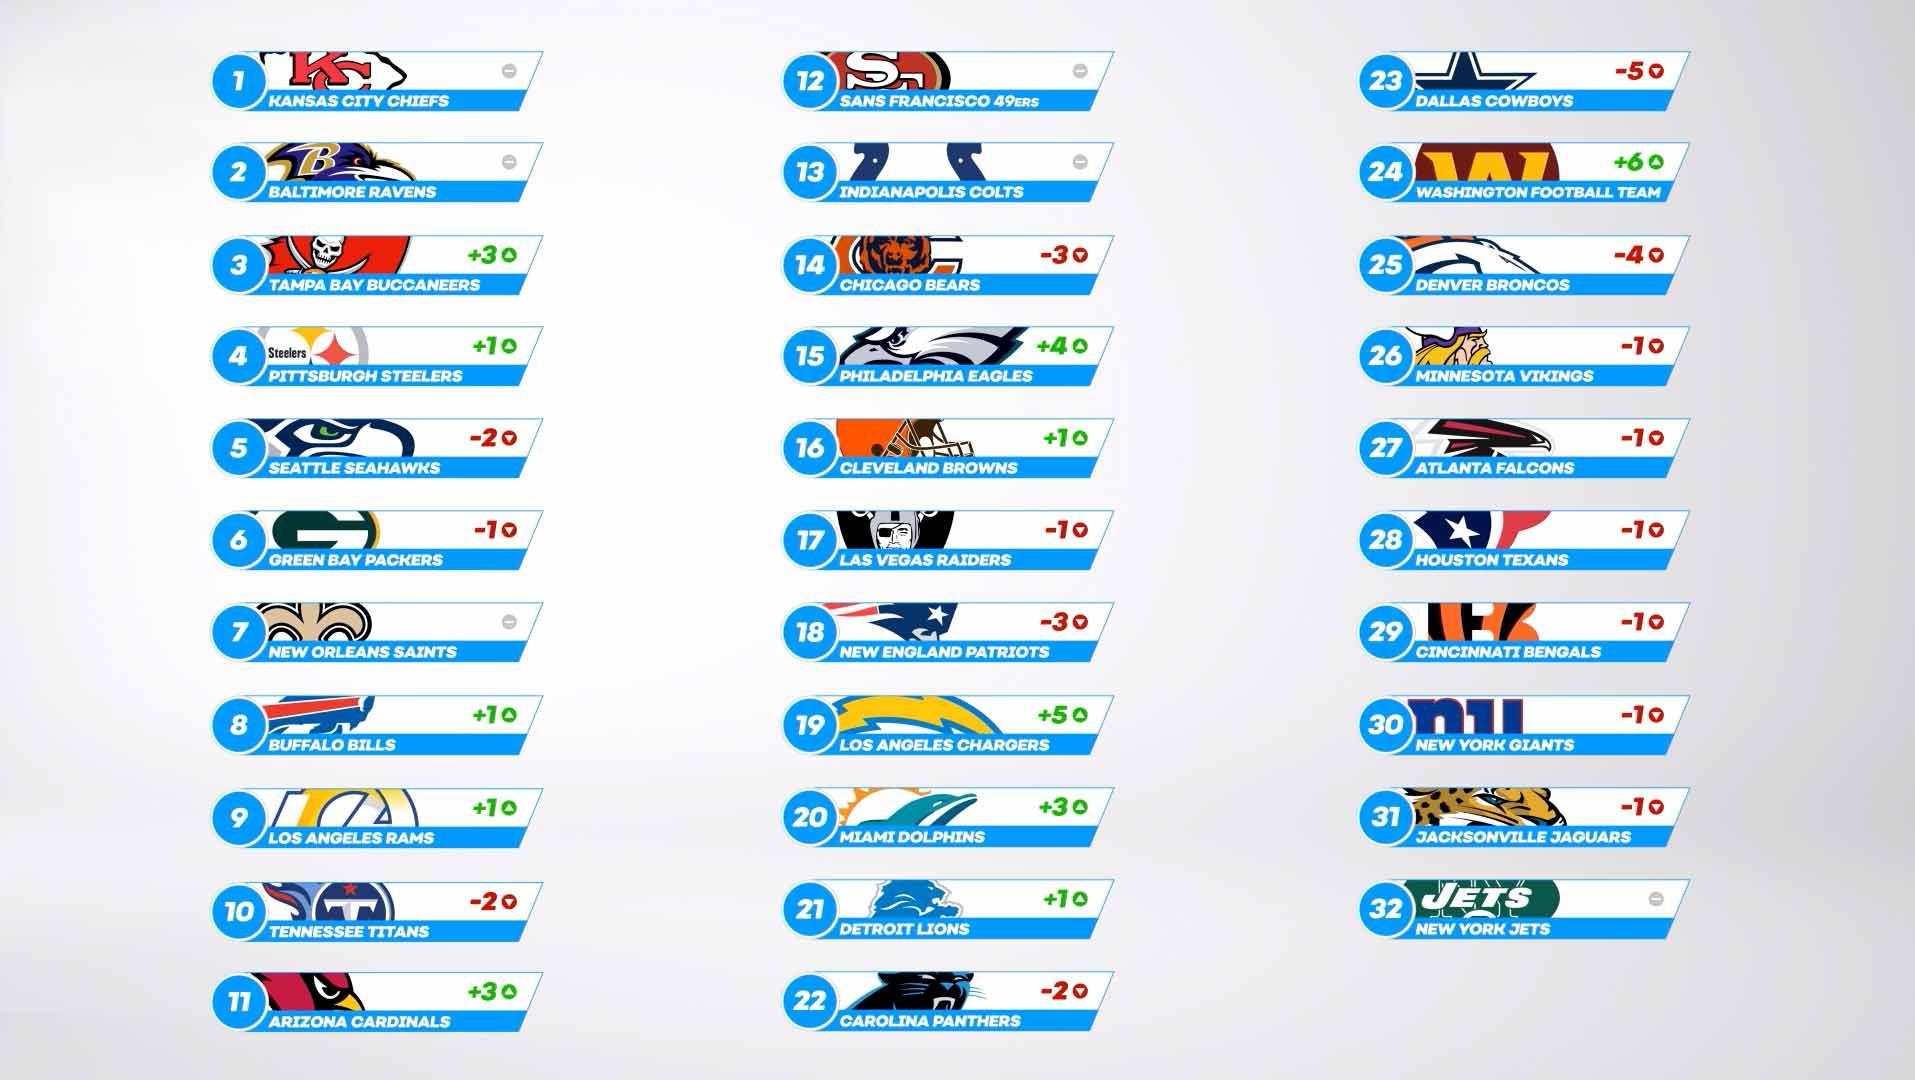 NFL Power Rankings Full List - Week 8